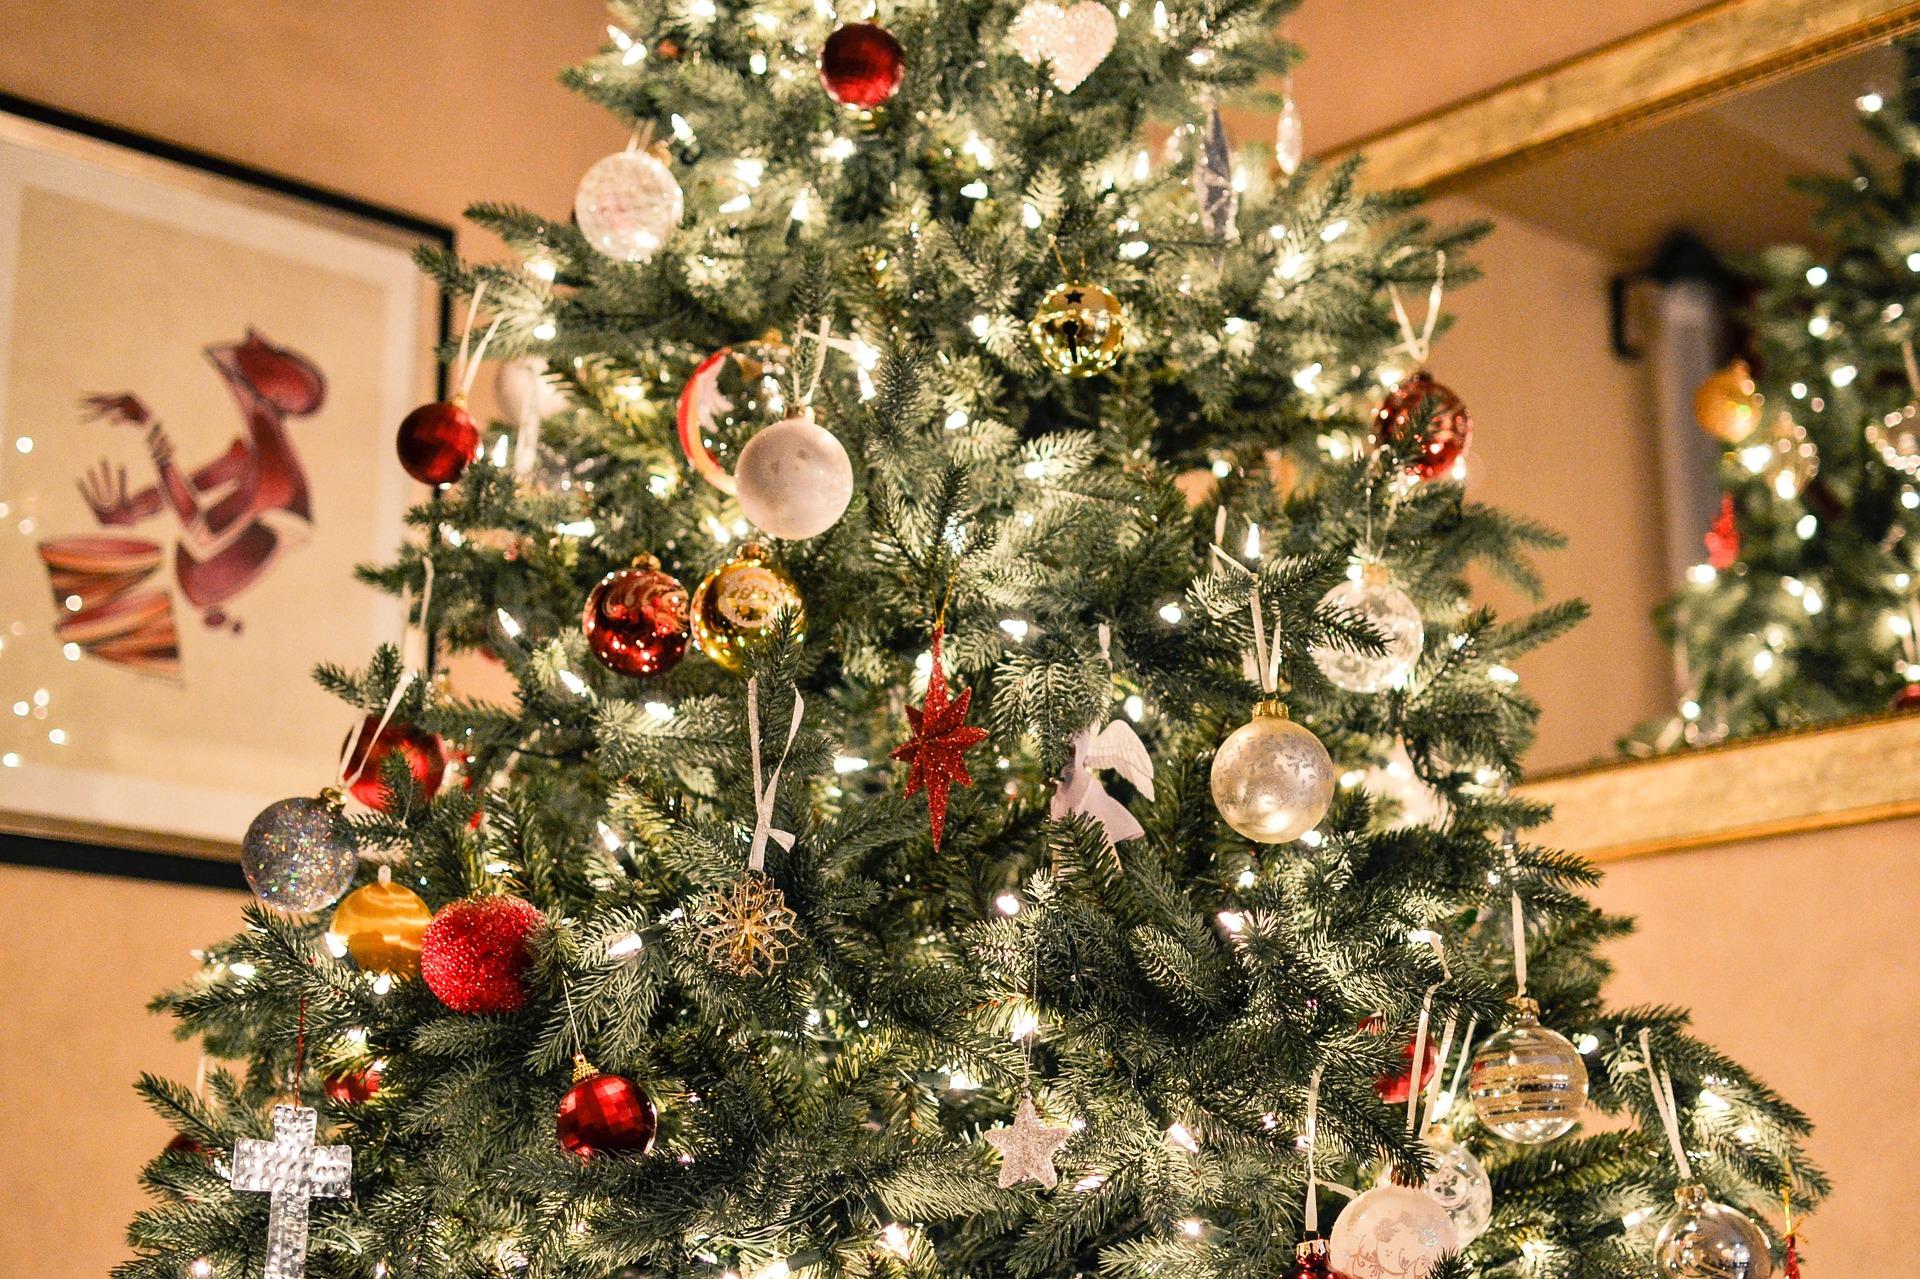 Christmas Tree Set-up